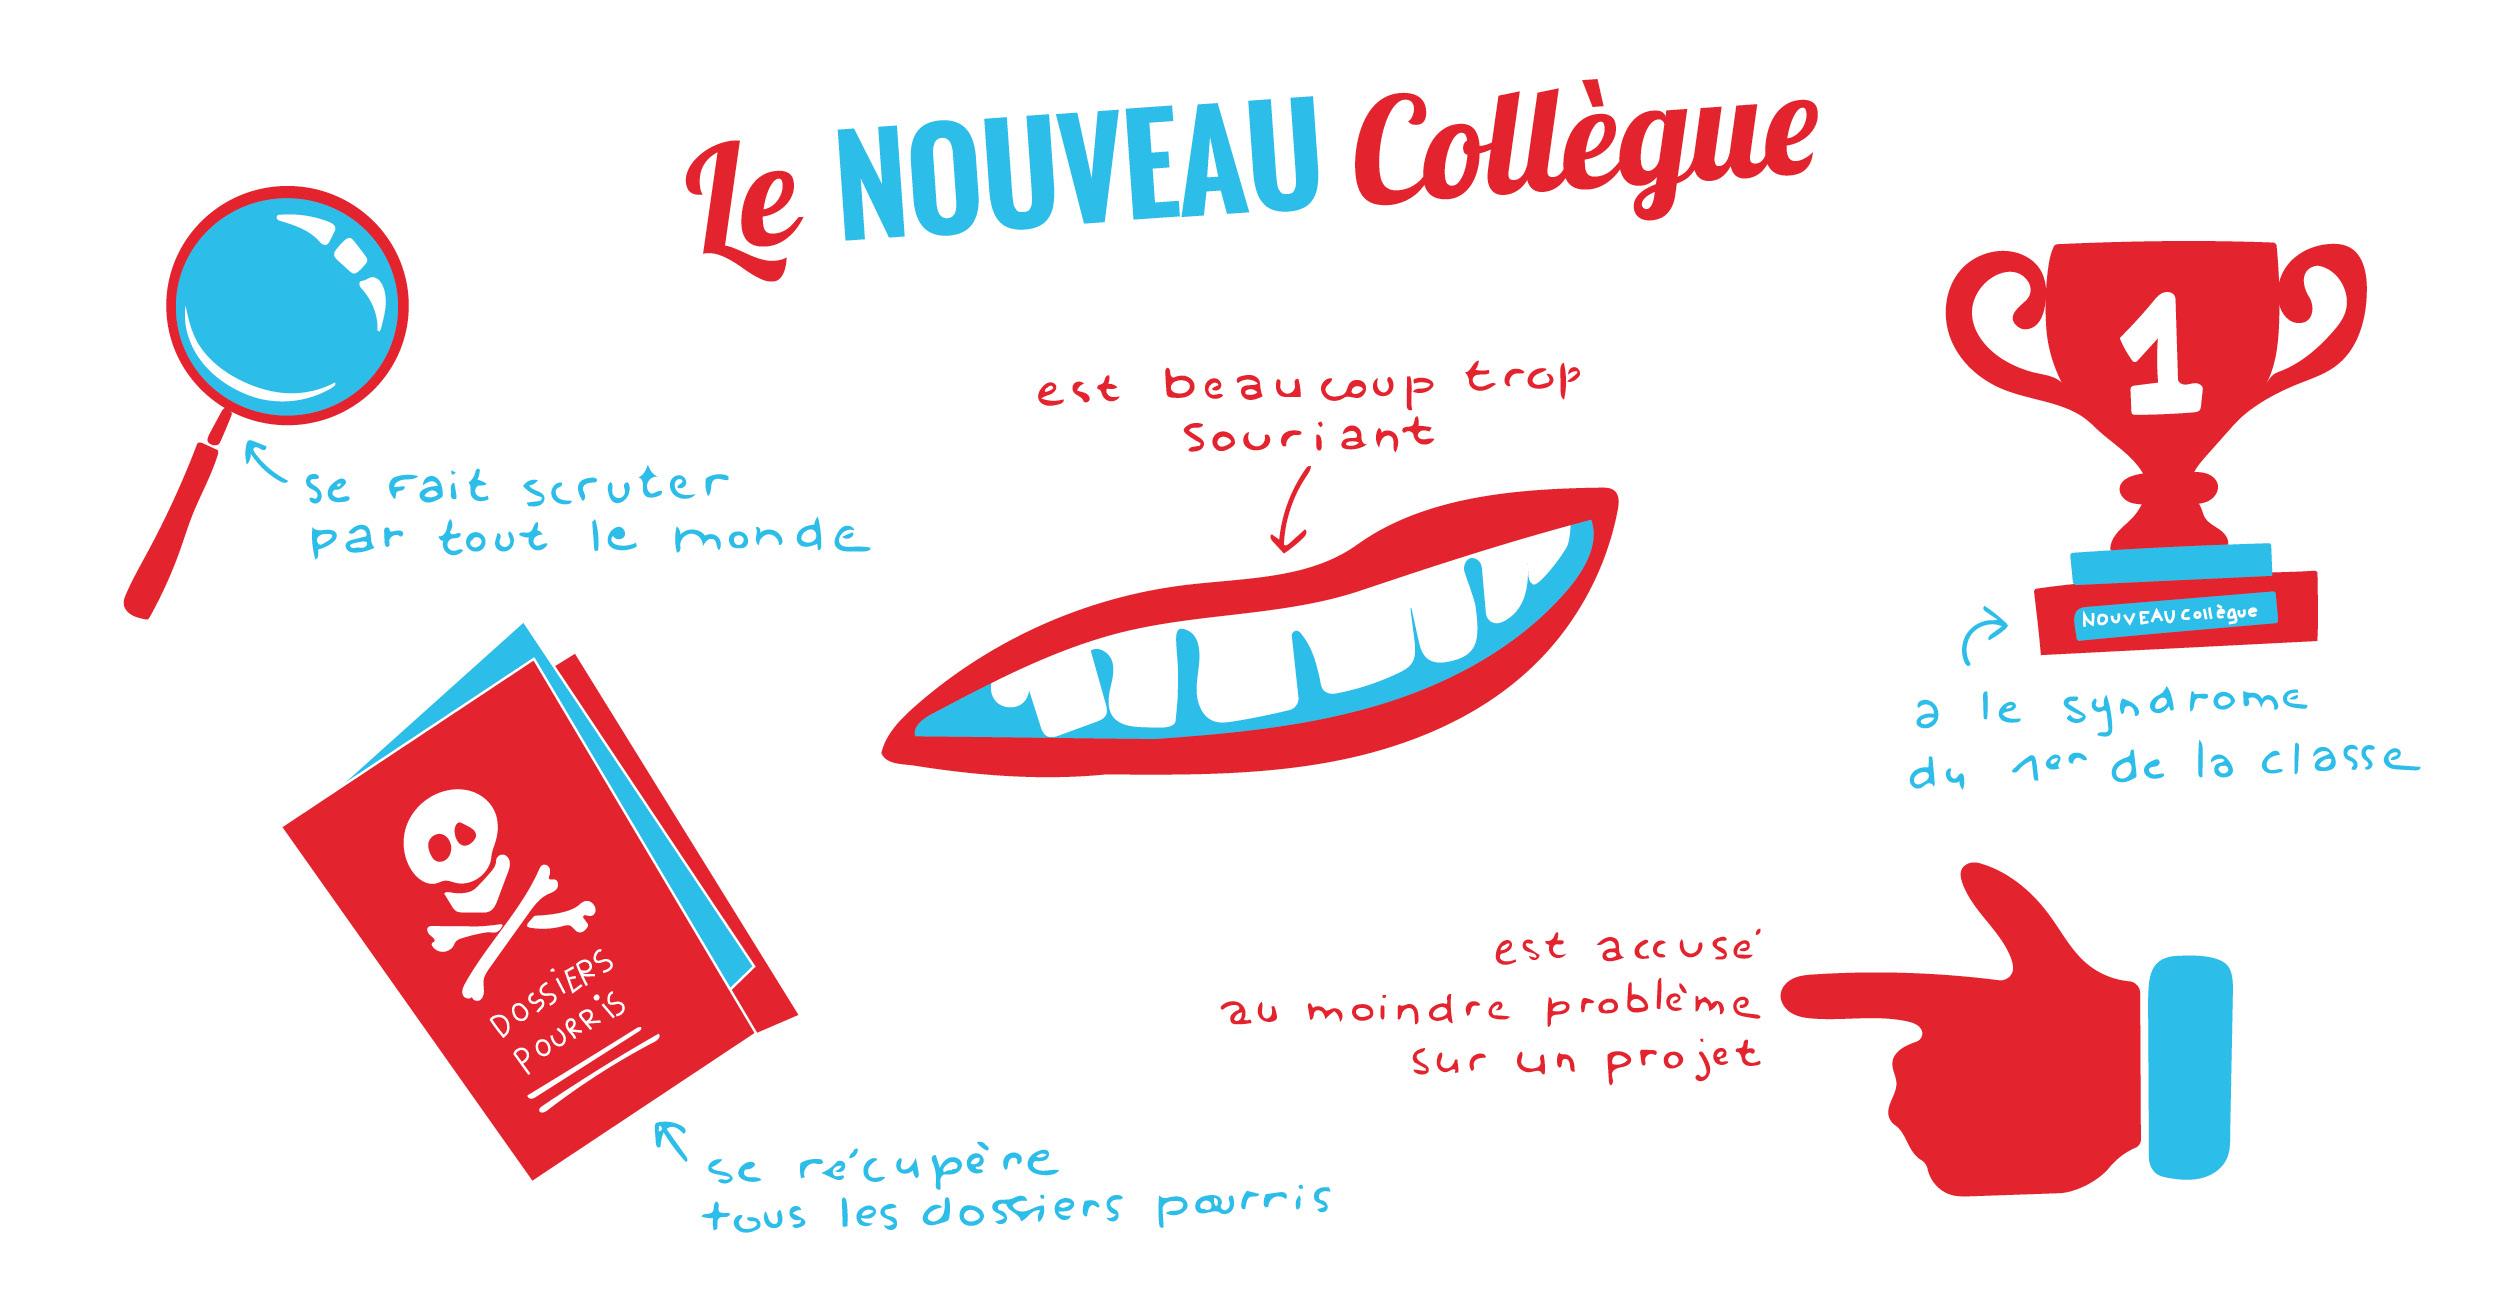 Illustration_Nouveau_Collègue Le nouveau collègue